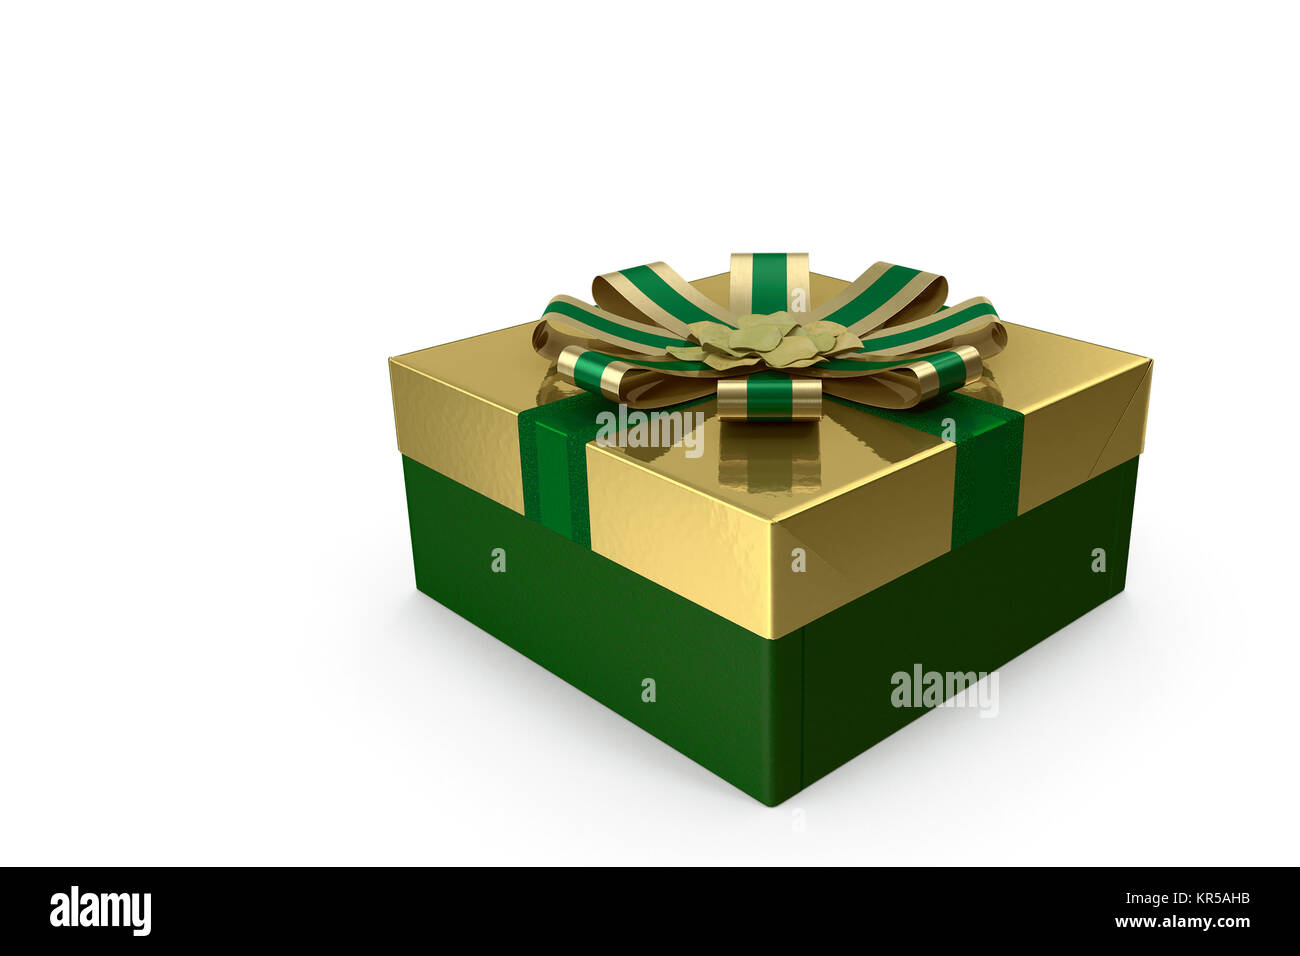 Ilustración 3D: caja con un regalo para las vacaciones. Imagen De Stock